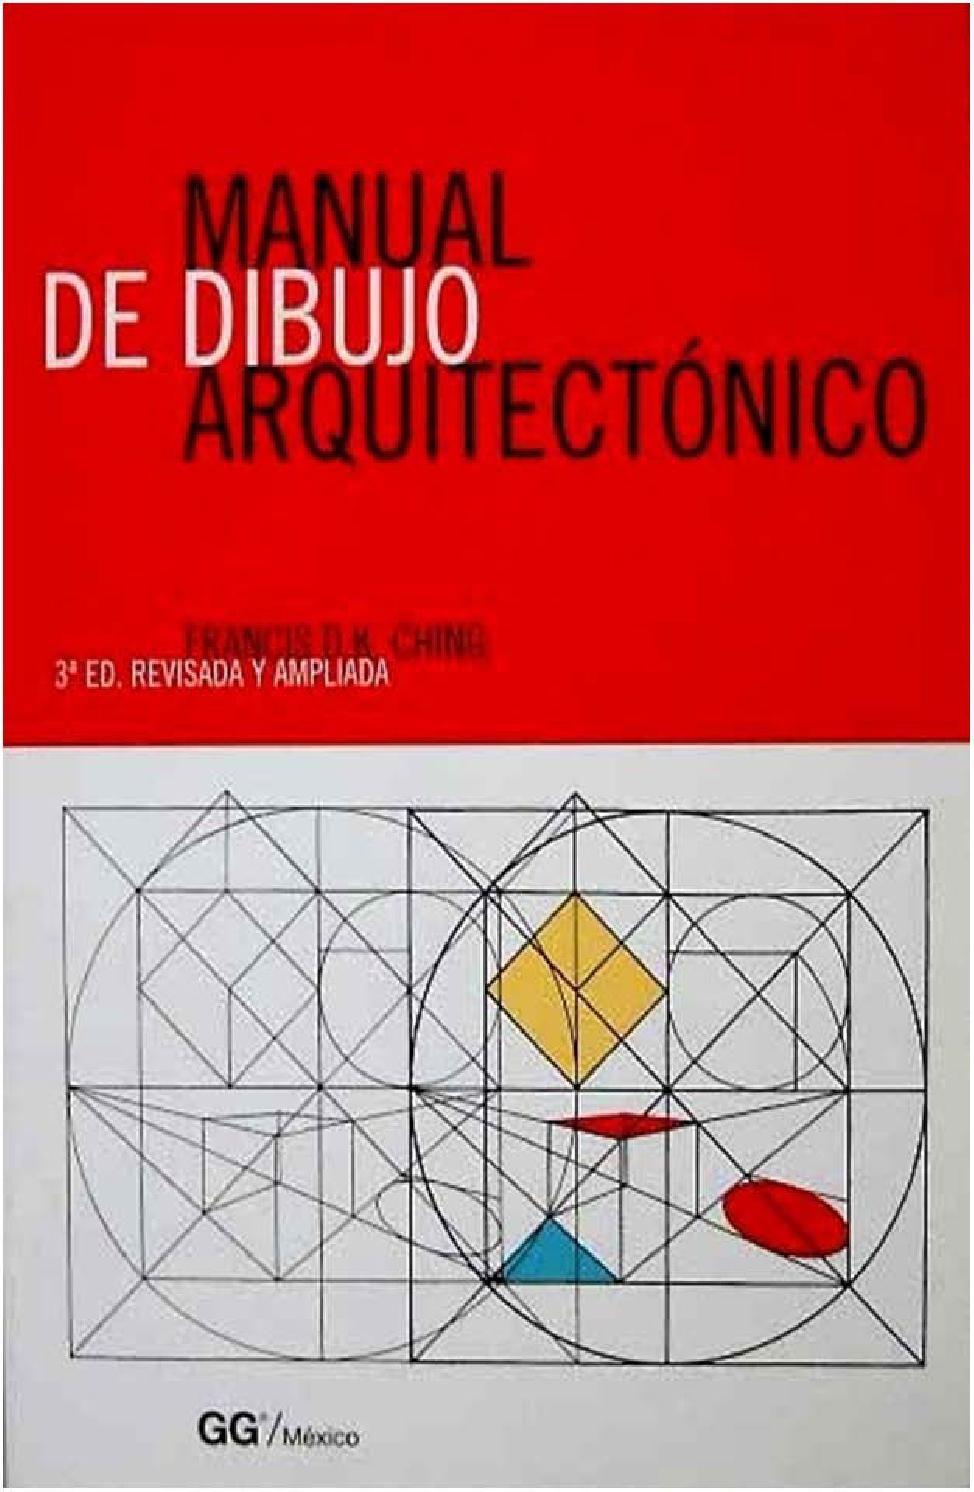 By Gerik Zambrano Triforce Dibujo Arquitectonico Arquitectura Arquitectonico